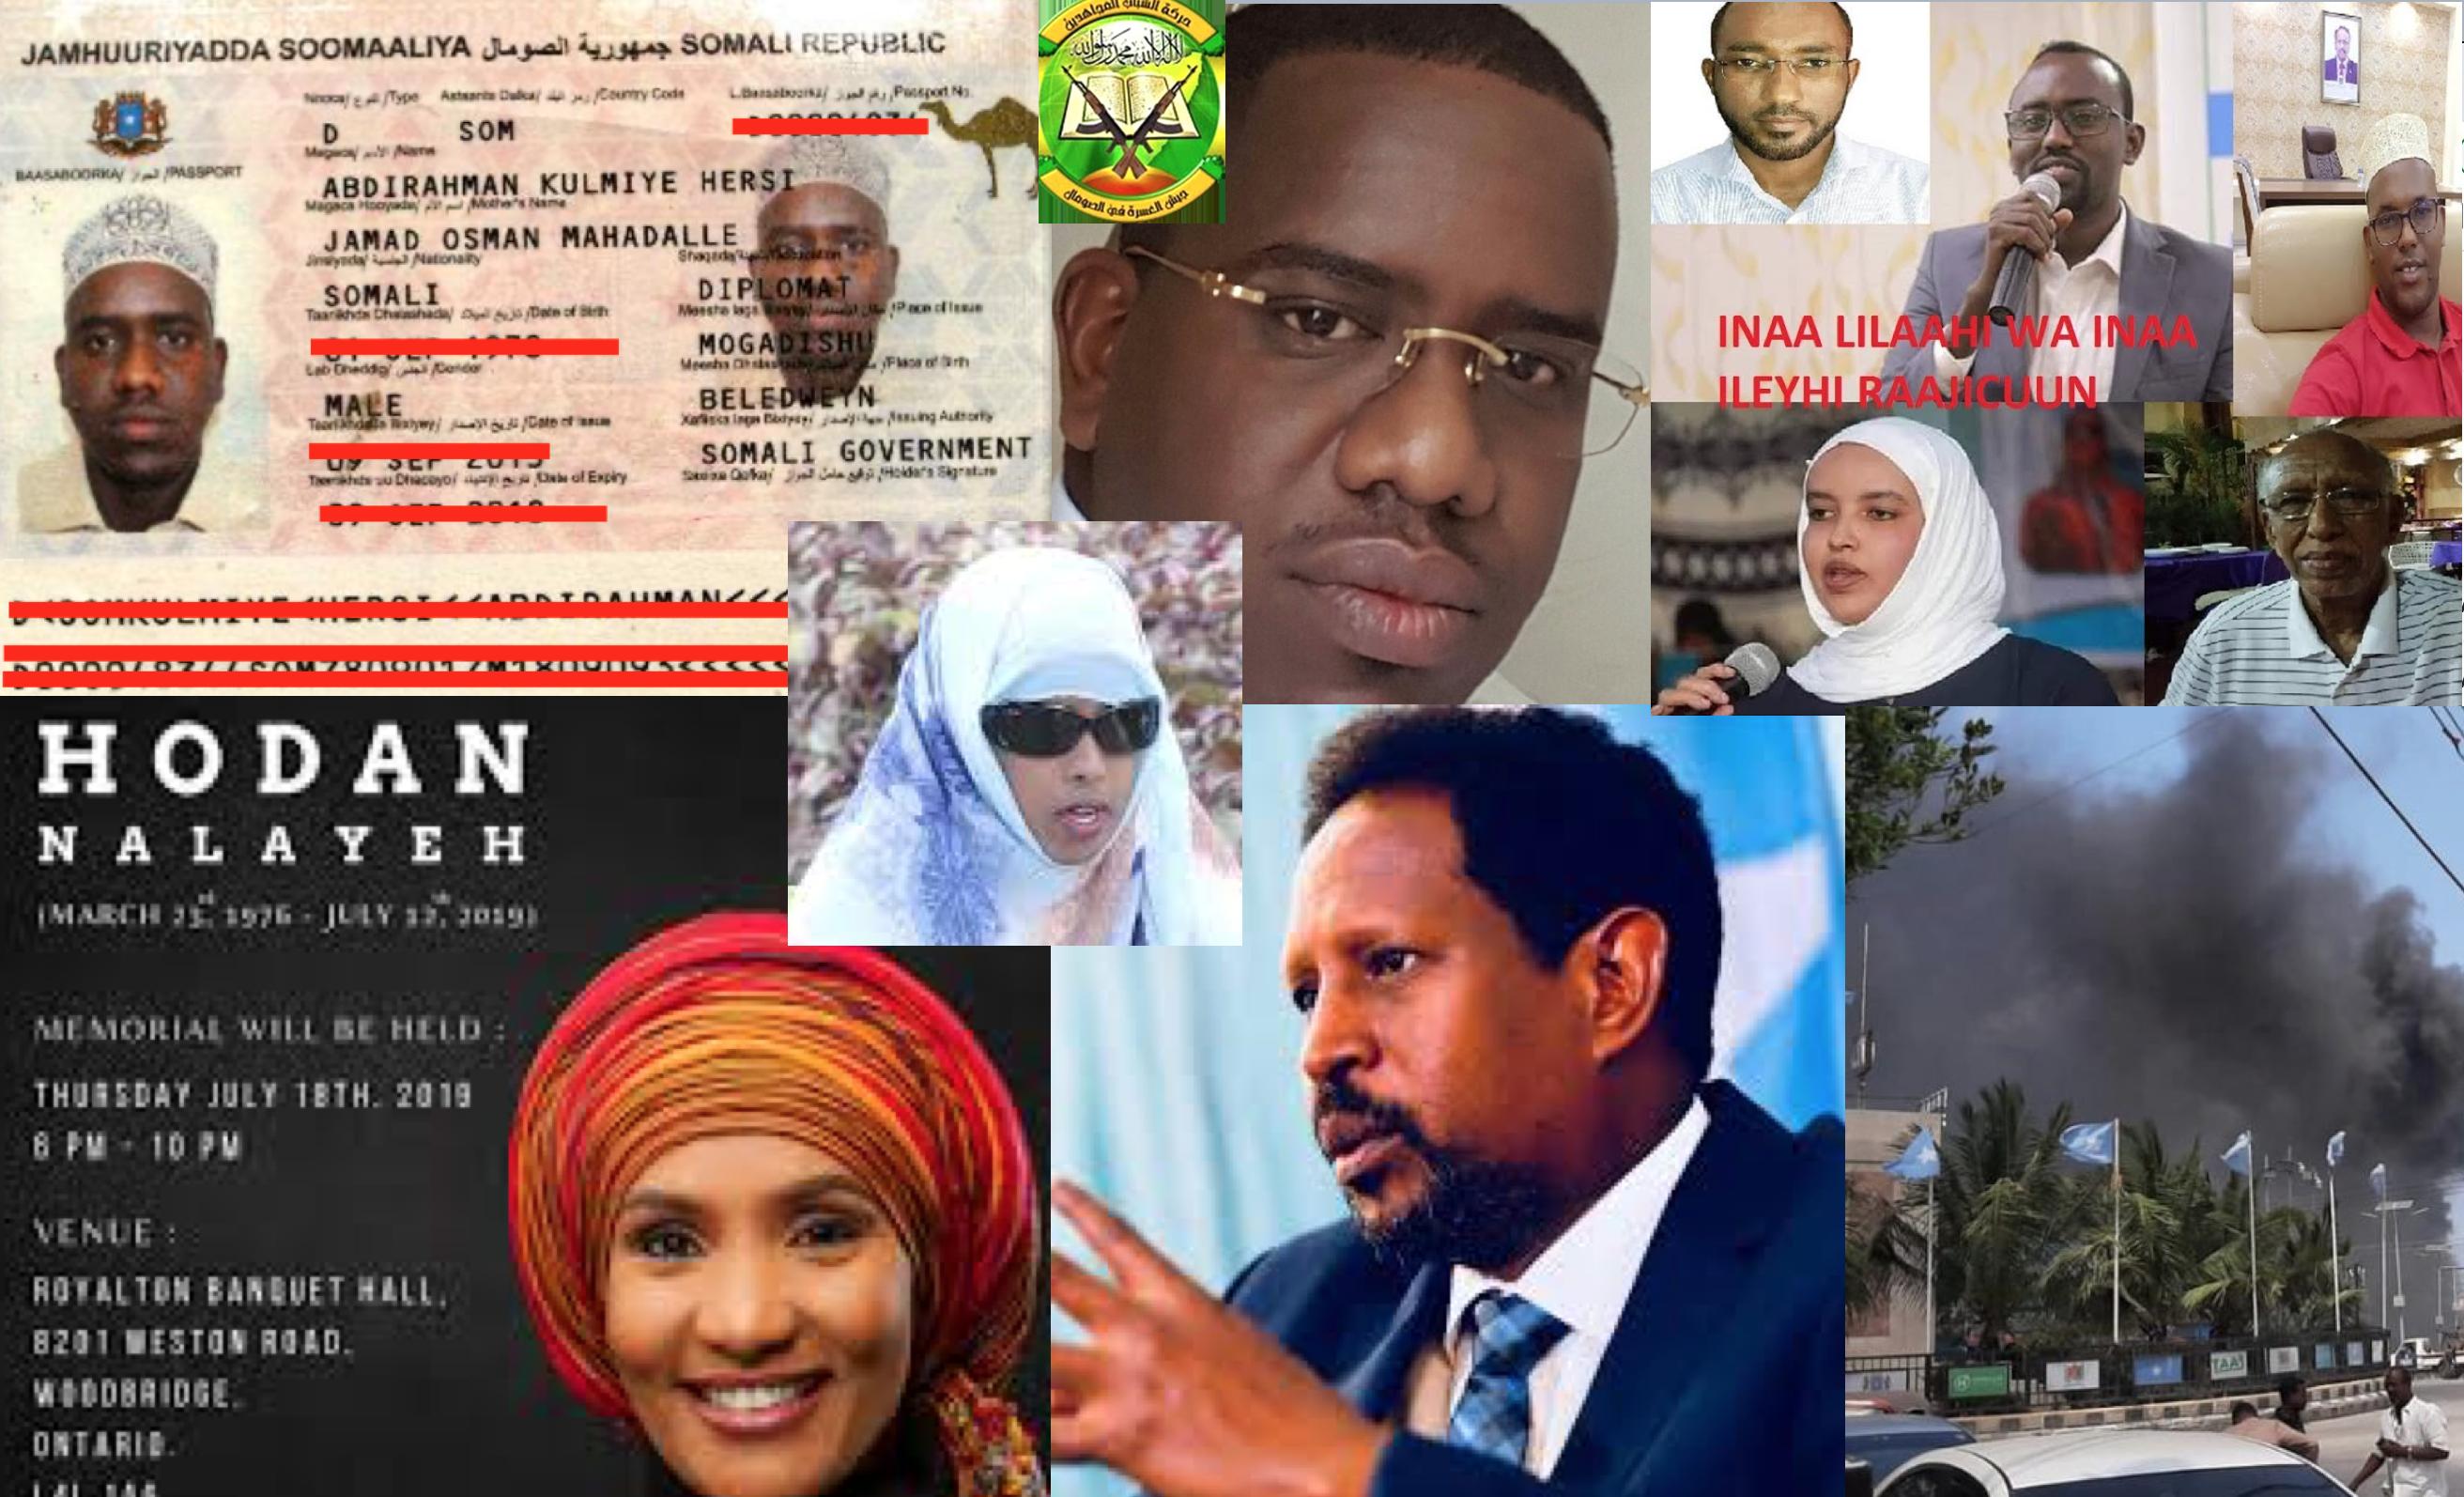 [Topnews] Sarkaalka fuliya qaraxyada ugu badan Somalia iyo Kenya waa Wasiir ka tirsan Xukumada iyo Xildhibaan Federal.